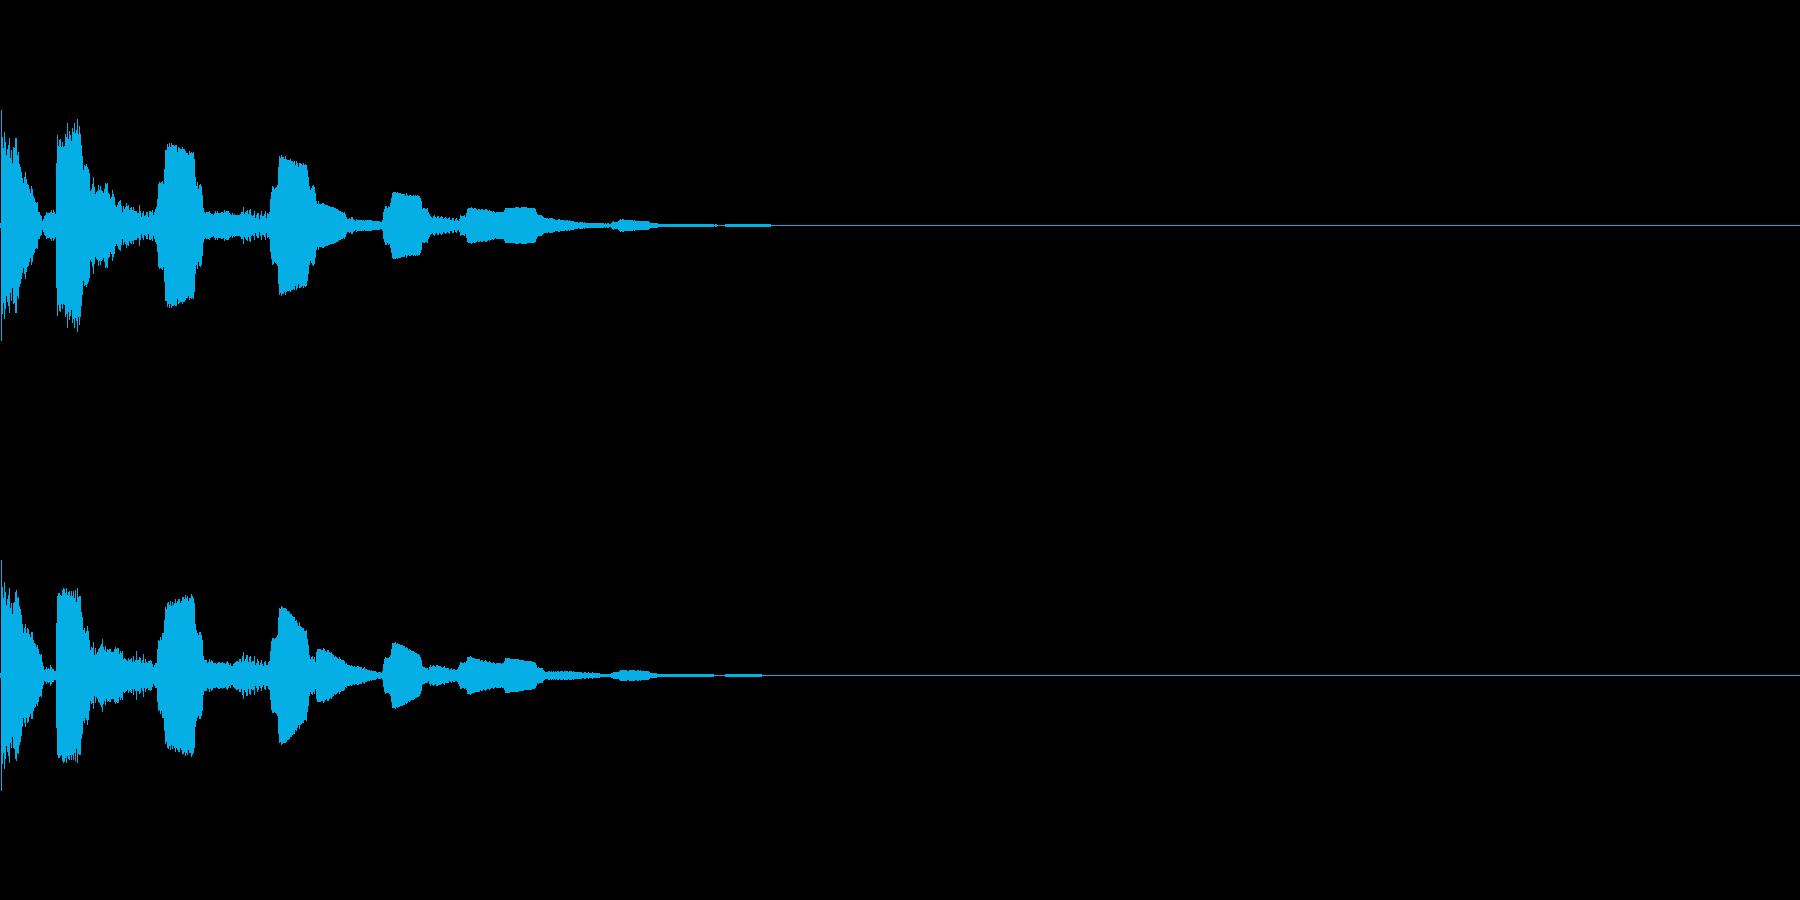 キラキラ電子音(選択、決定)の再生済みの波形